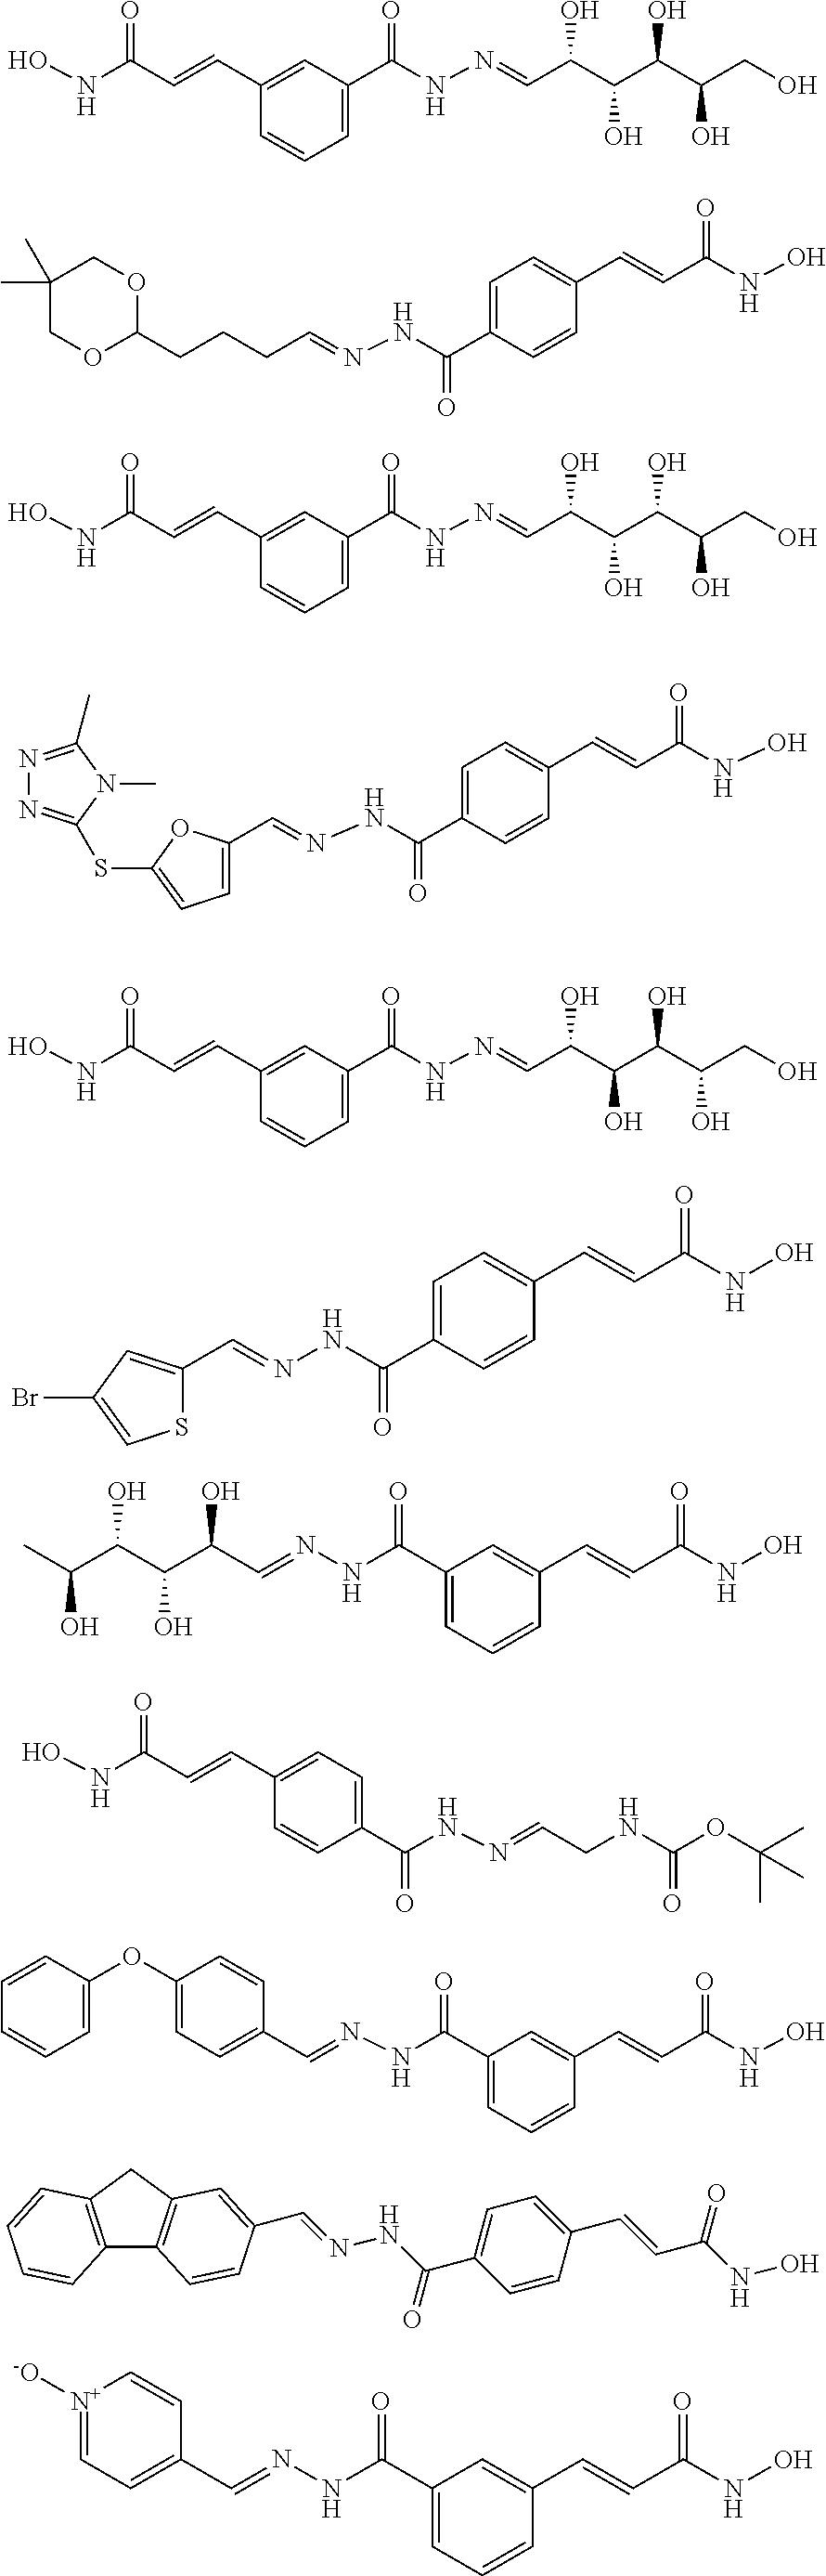 Figure US09540317-20170110-C00082